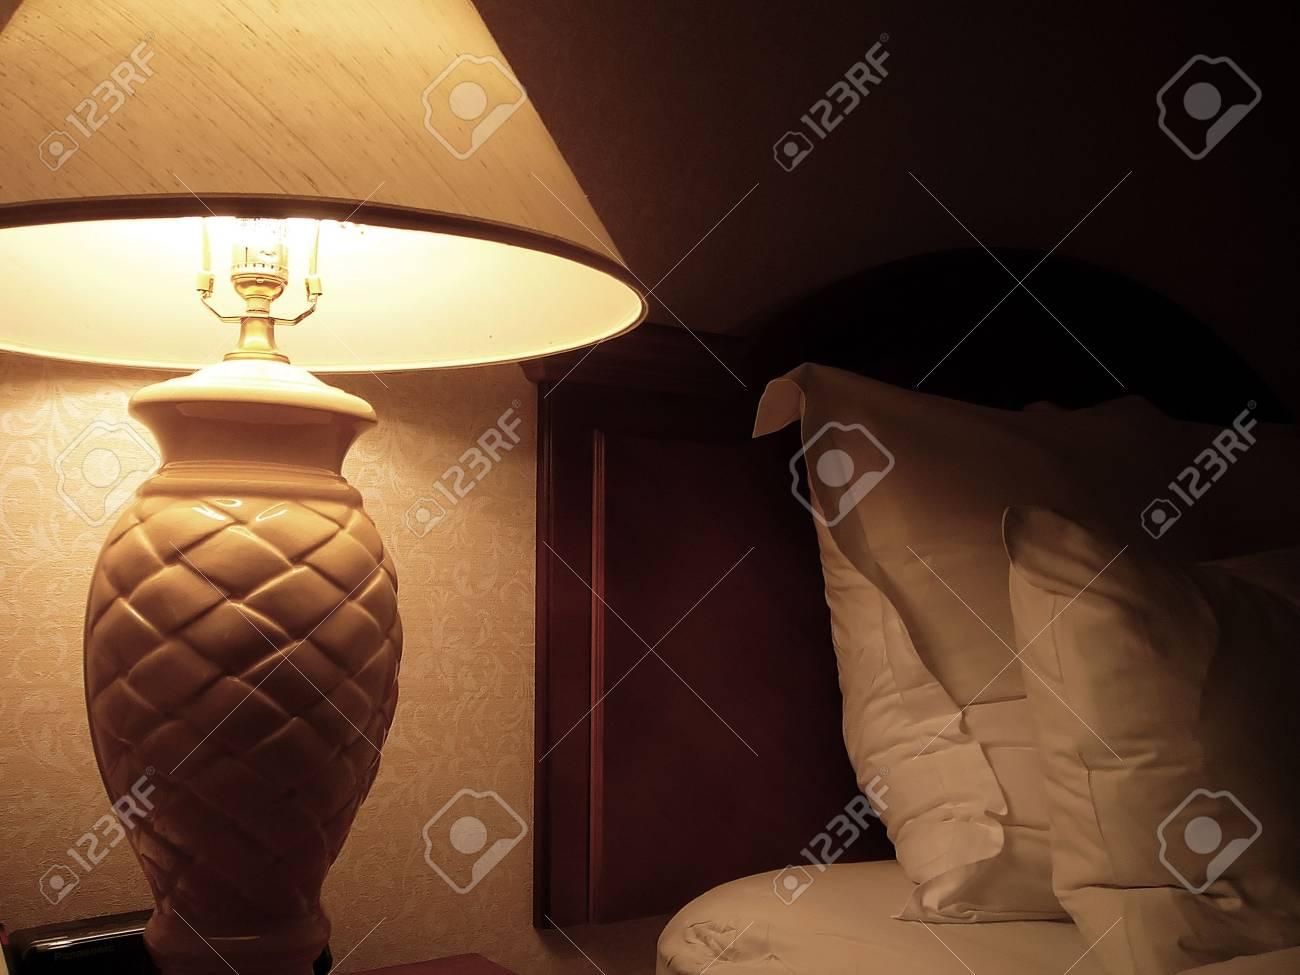 Gemutliche Schlafzimmer Closeup Von Bed And Lampe Lizenzfreie Fotos